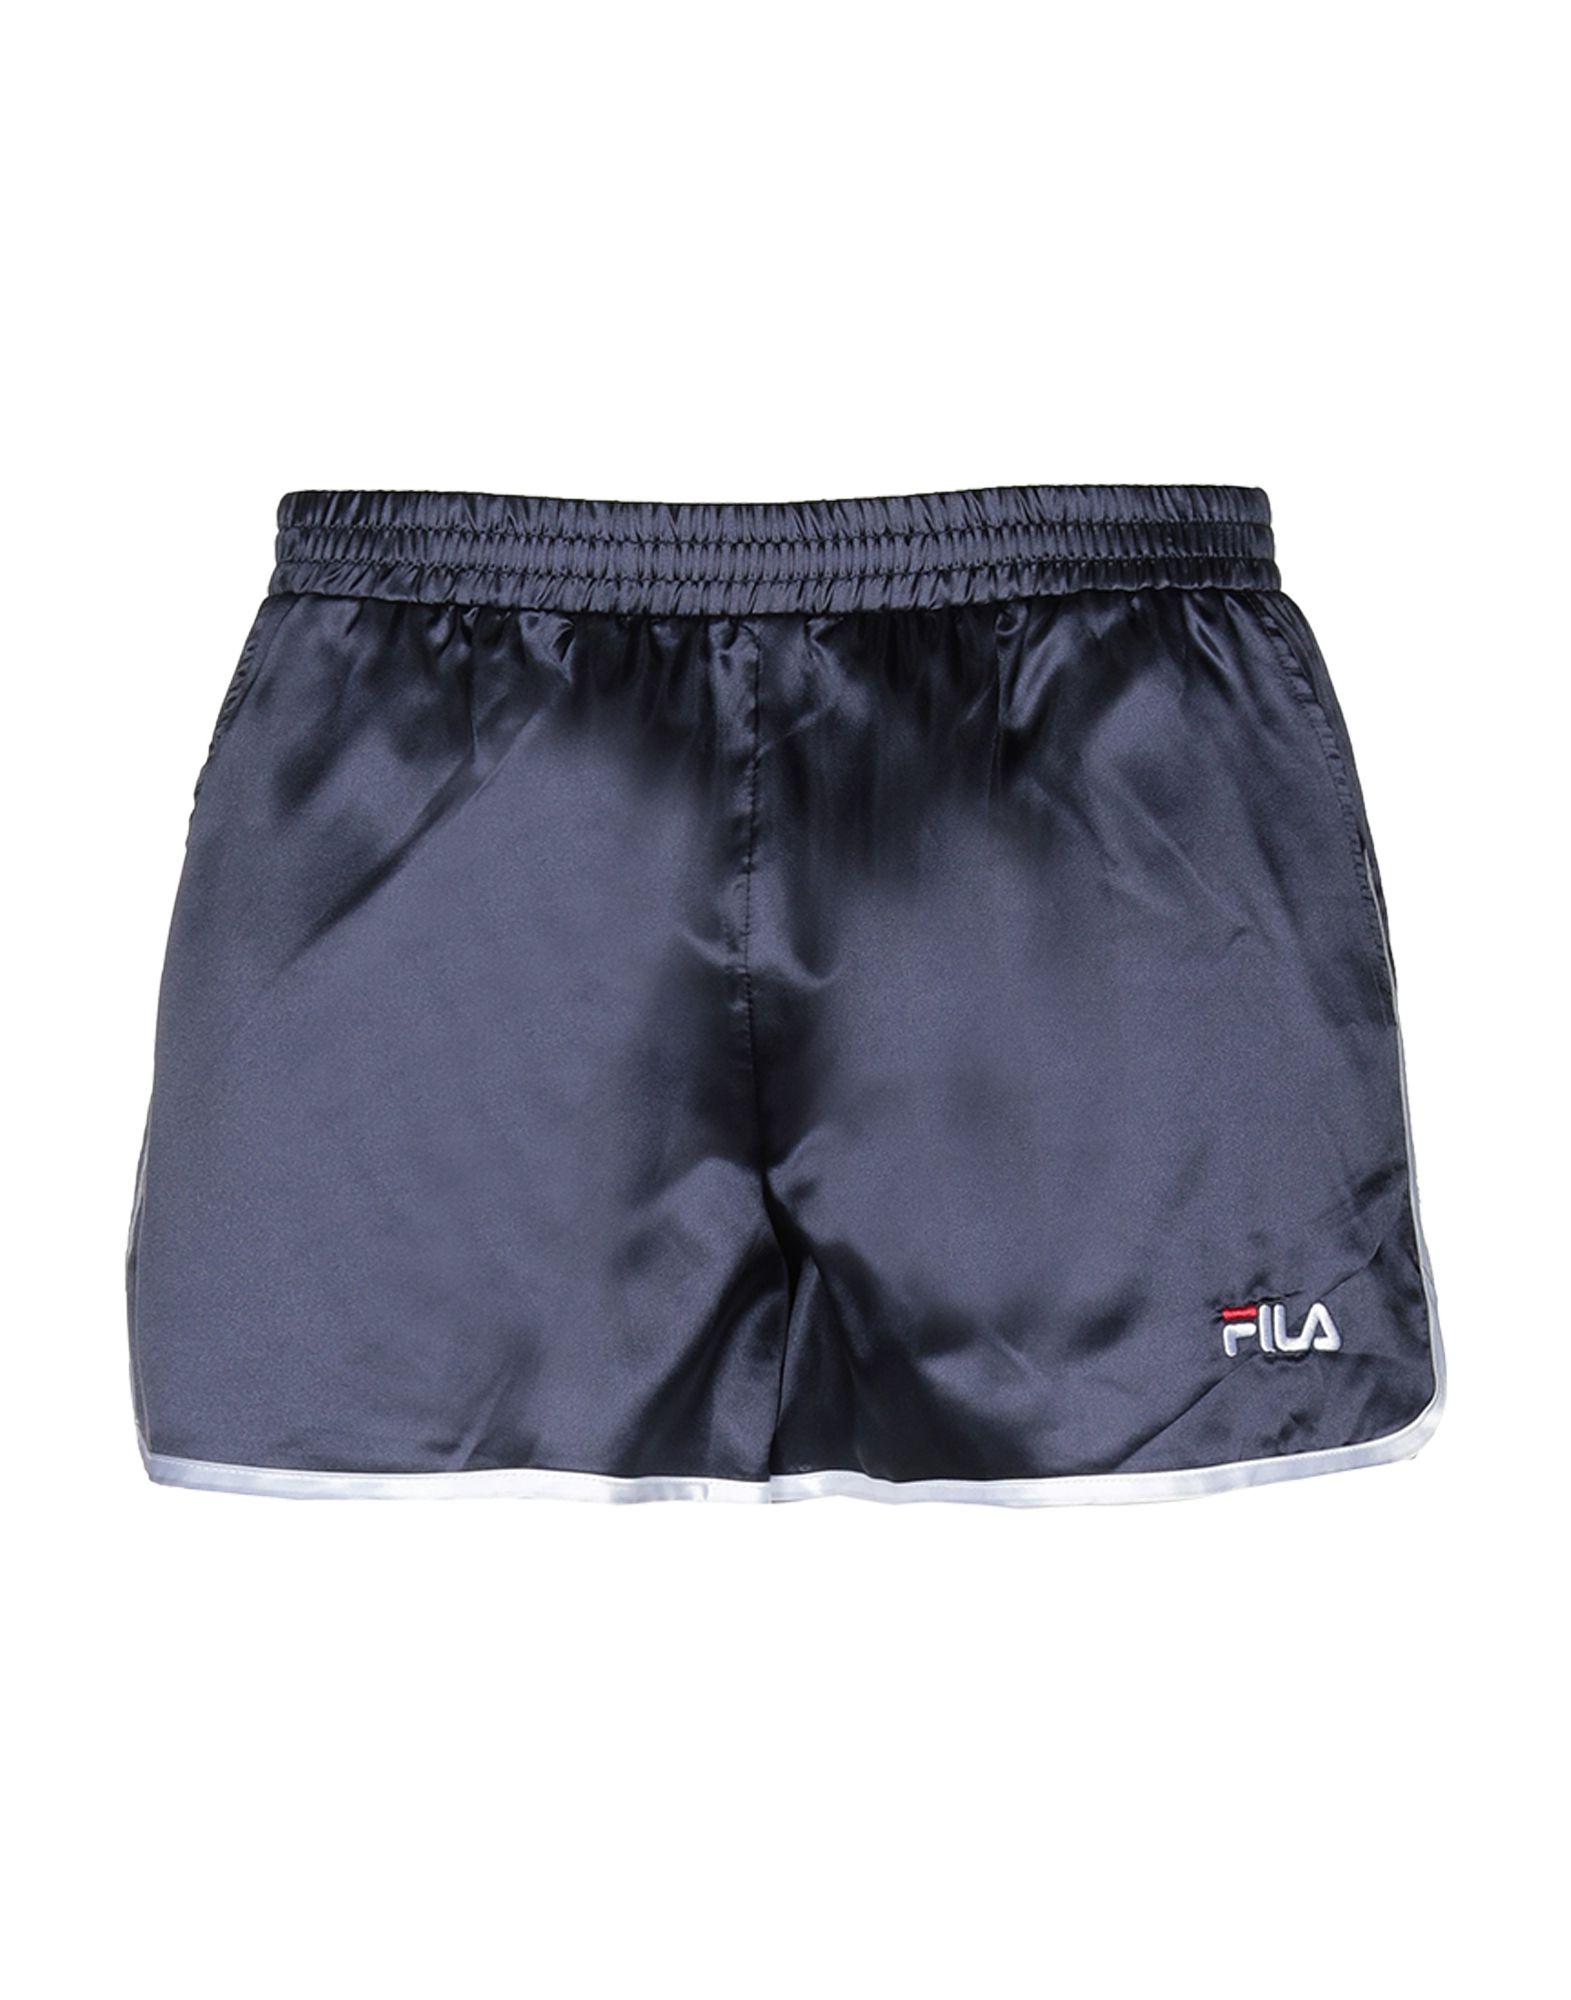 《送料無料》FILA メンズ ショートパンツ ダークブルー XL ポリエステル 100%